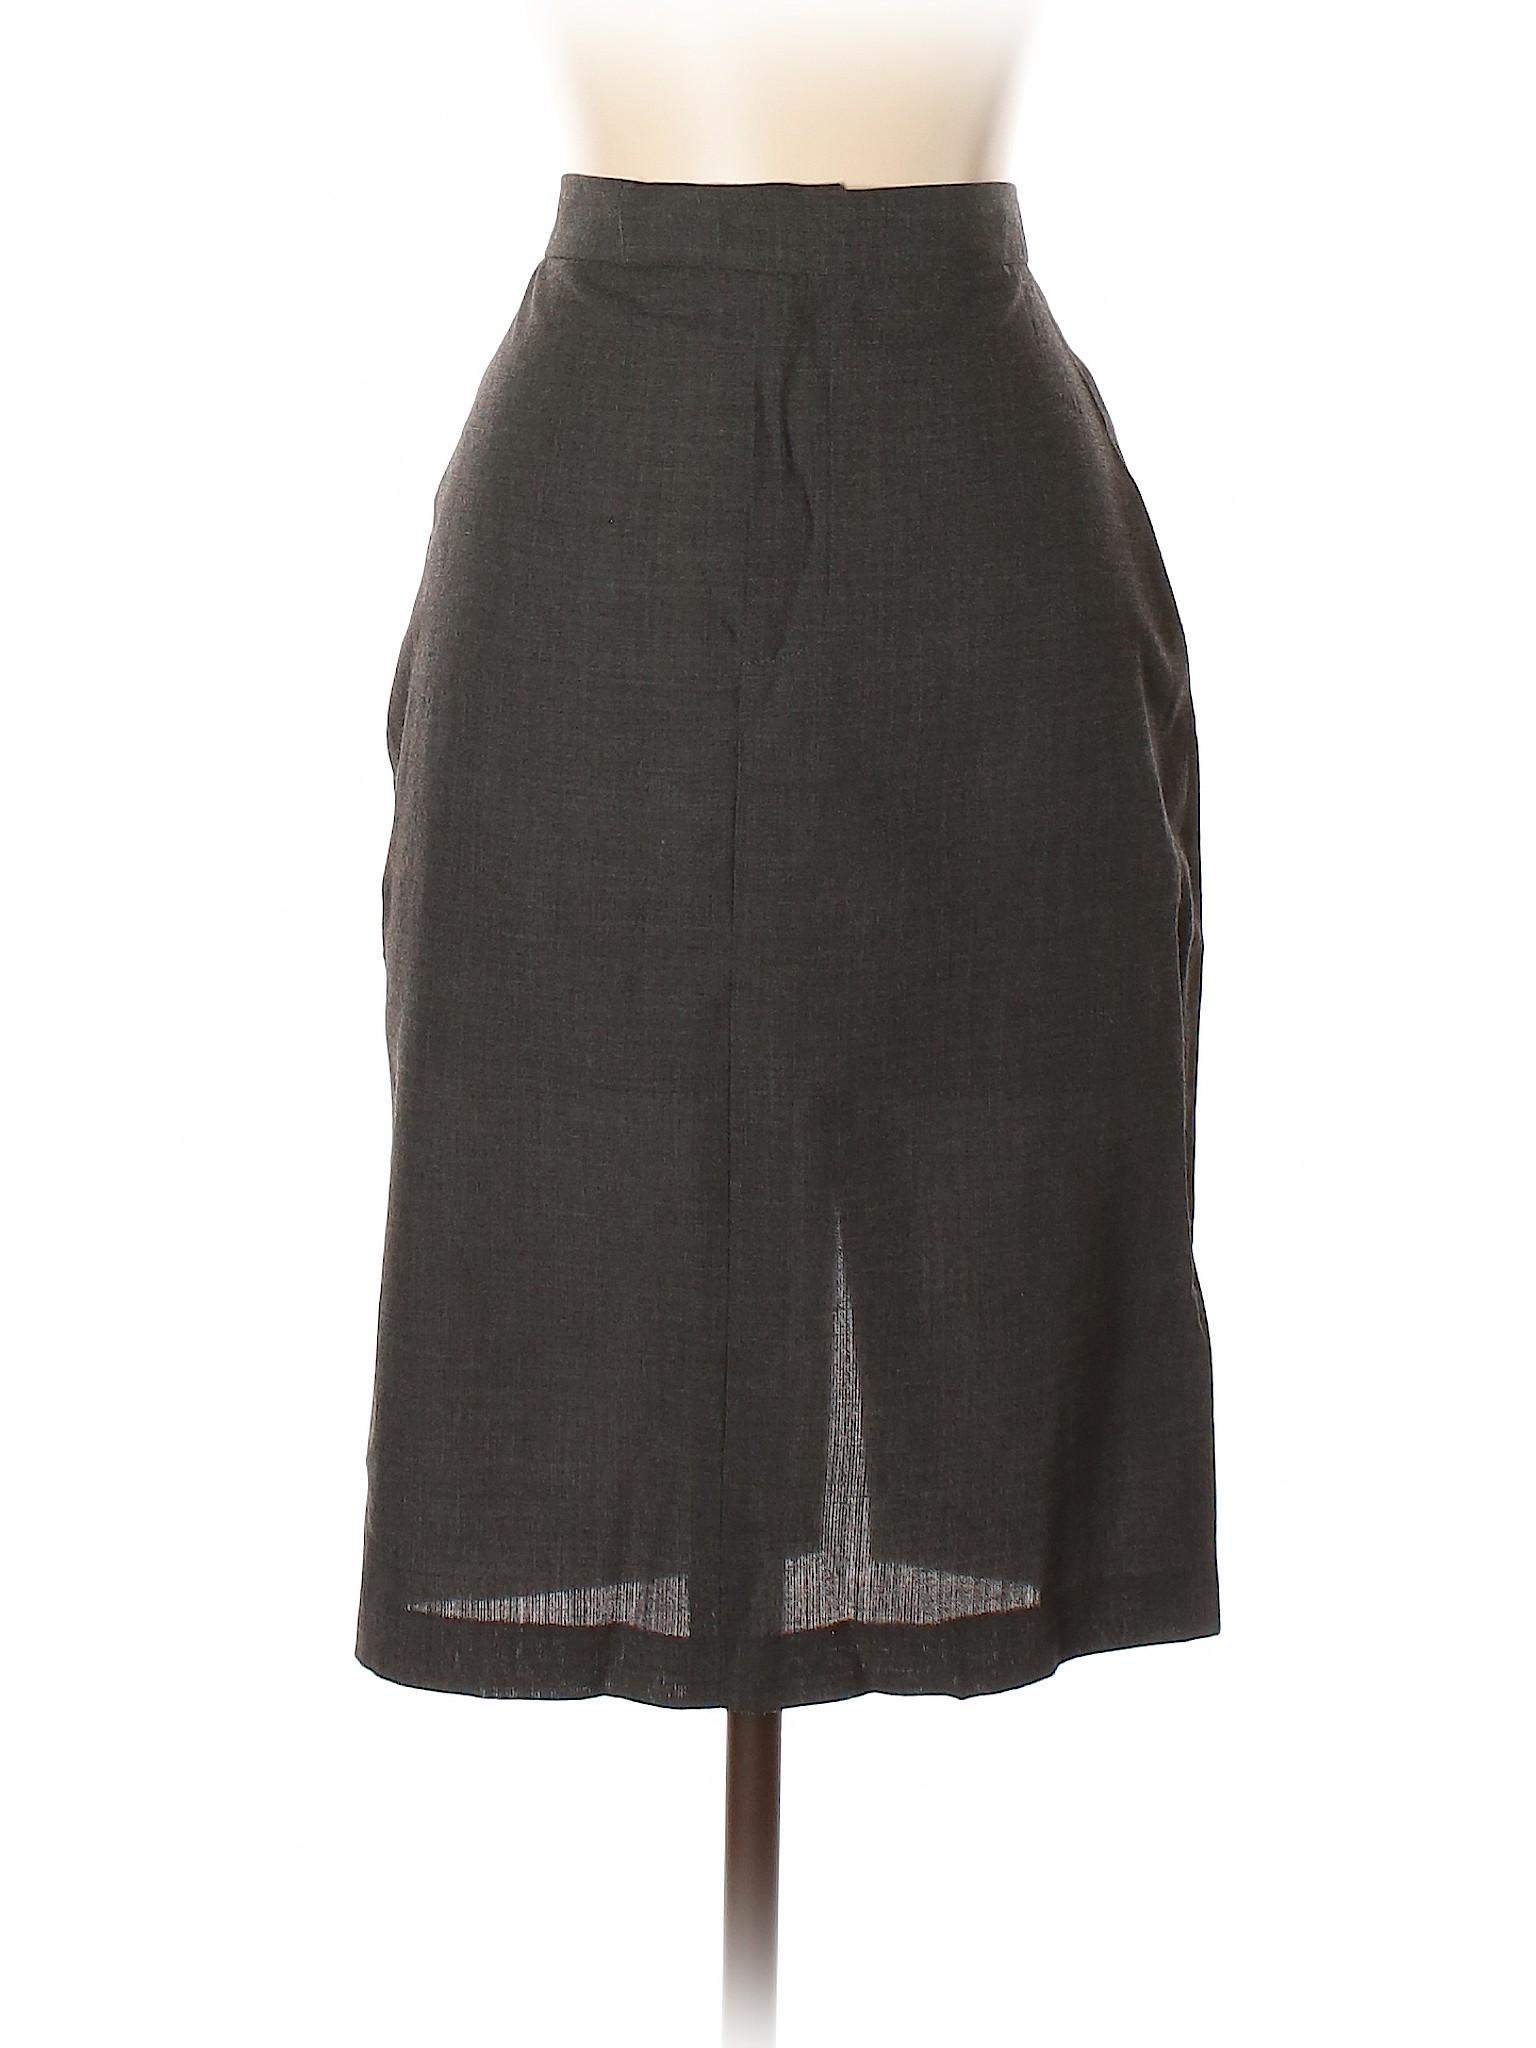 Monaco Skirt Club Wool leisure Boutique FEq1p